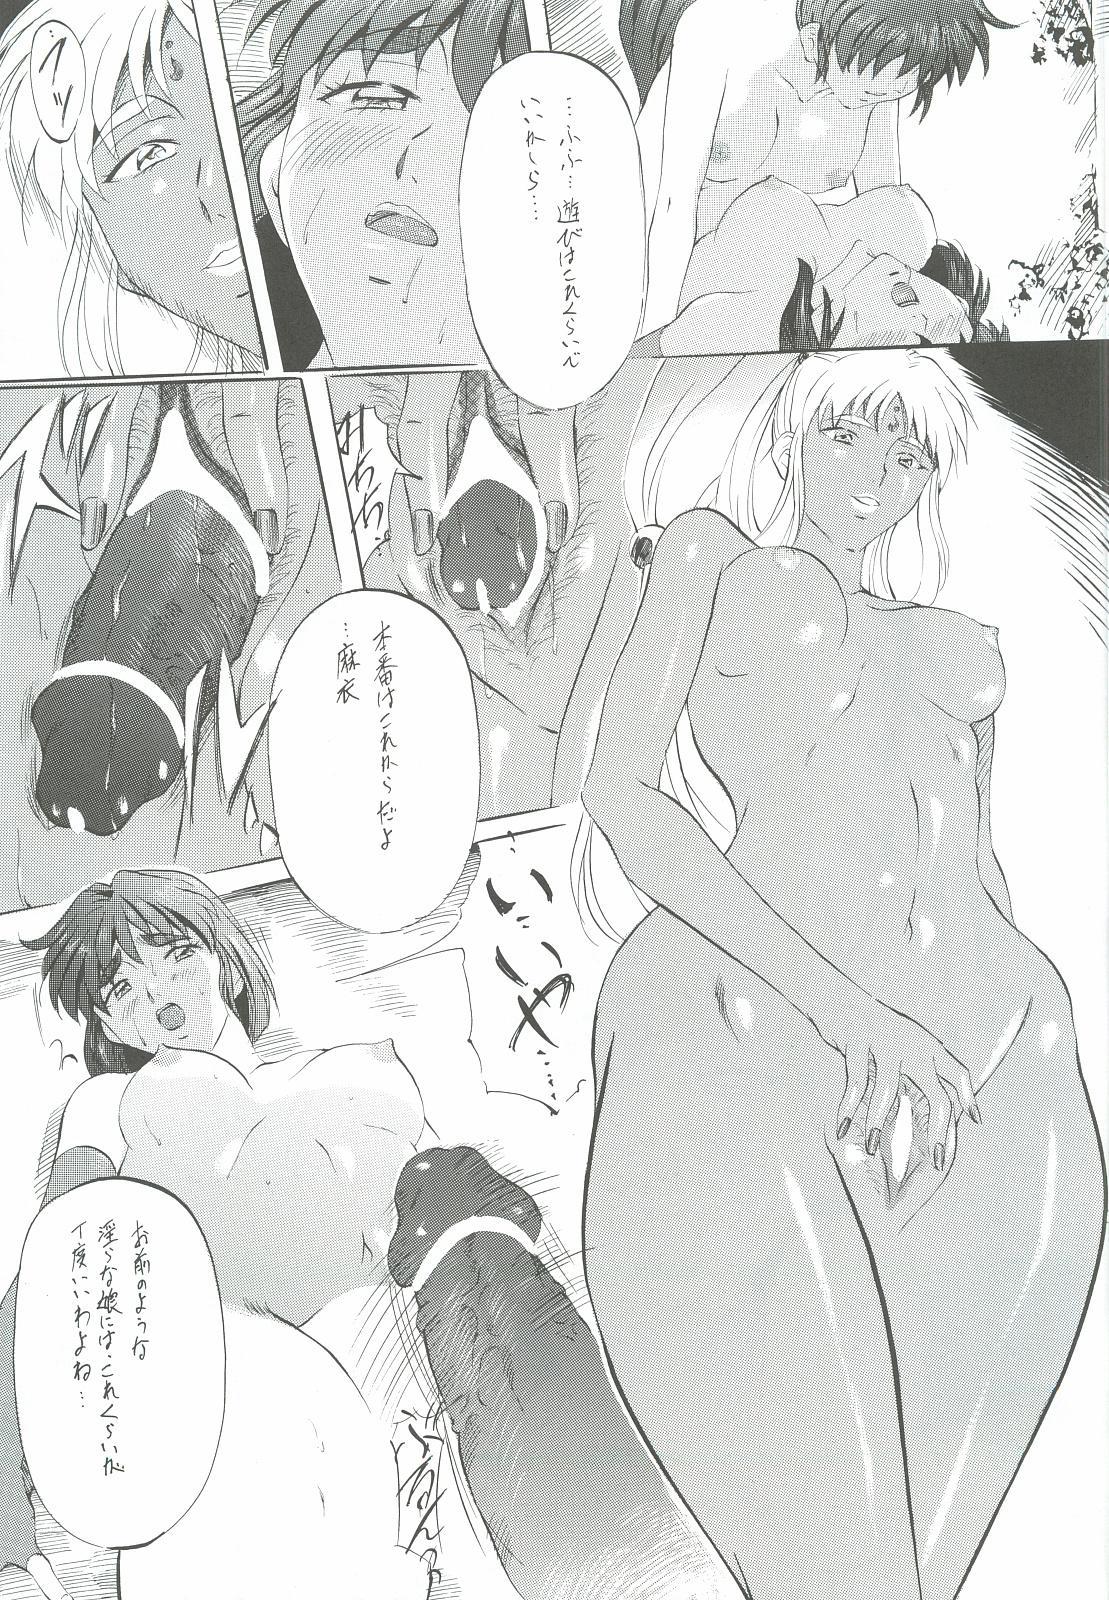 Ai & Mai Gaiden - Kishin Fukkatsu no Shou 45